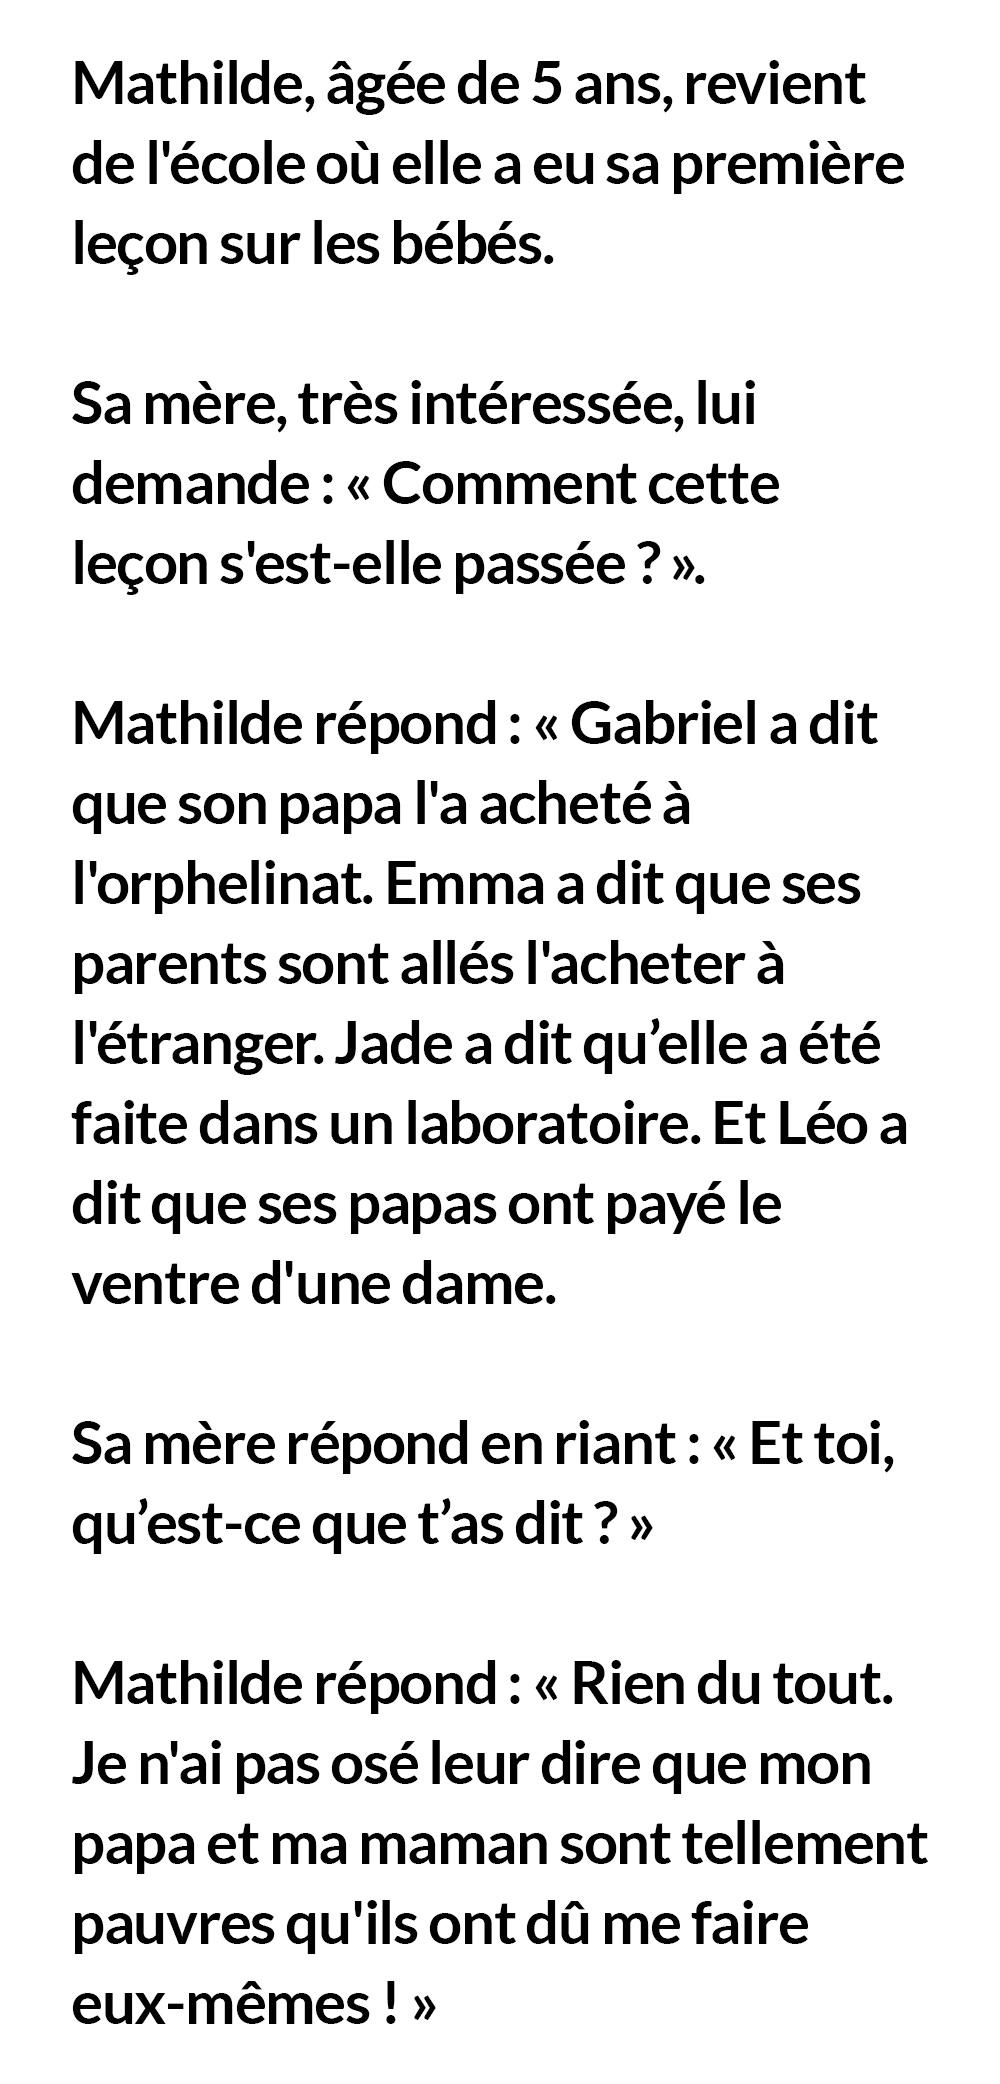 Mathilde, âgée de 5 ans, revient de l'école où elle a appris sa première leçon sur les bébés